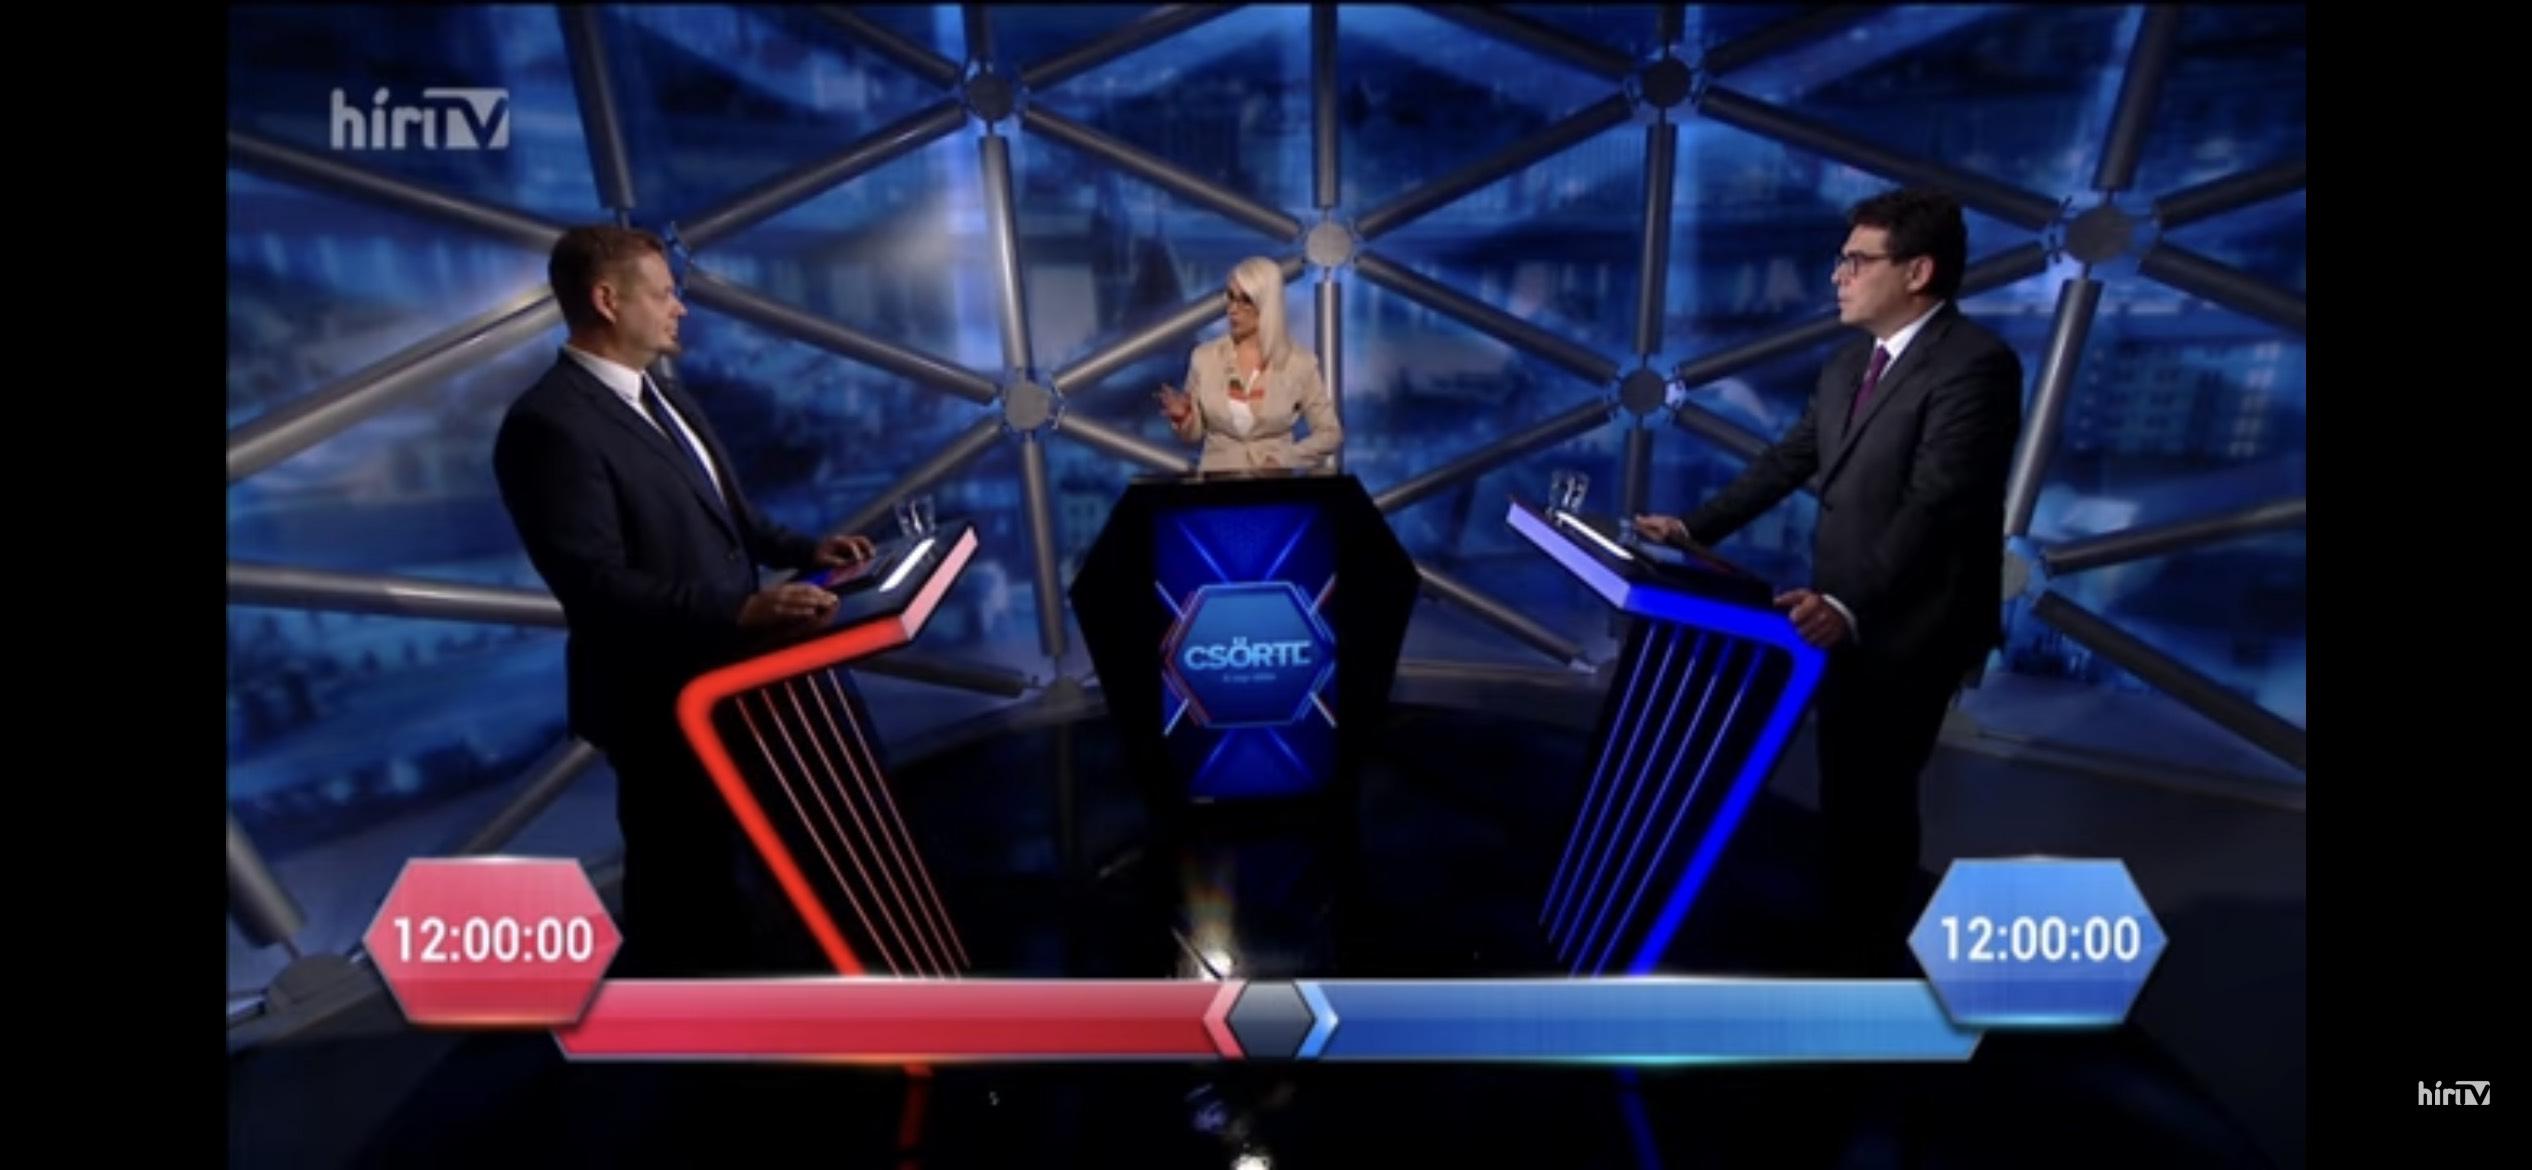 Hír TV, Csörte – 2021.10.13.